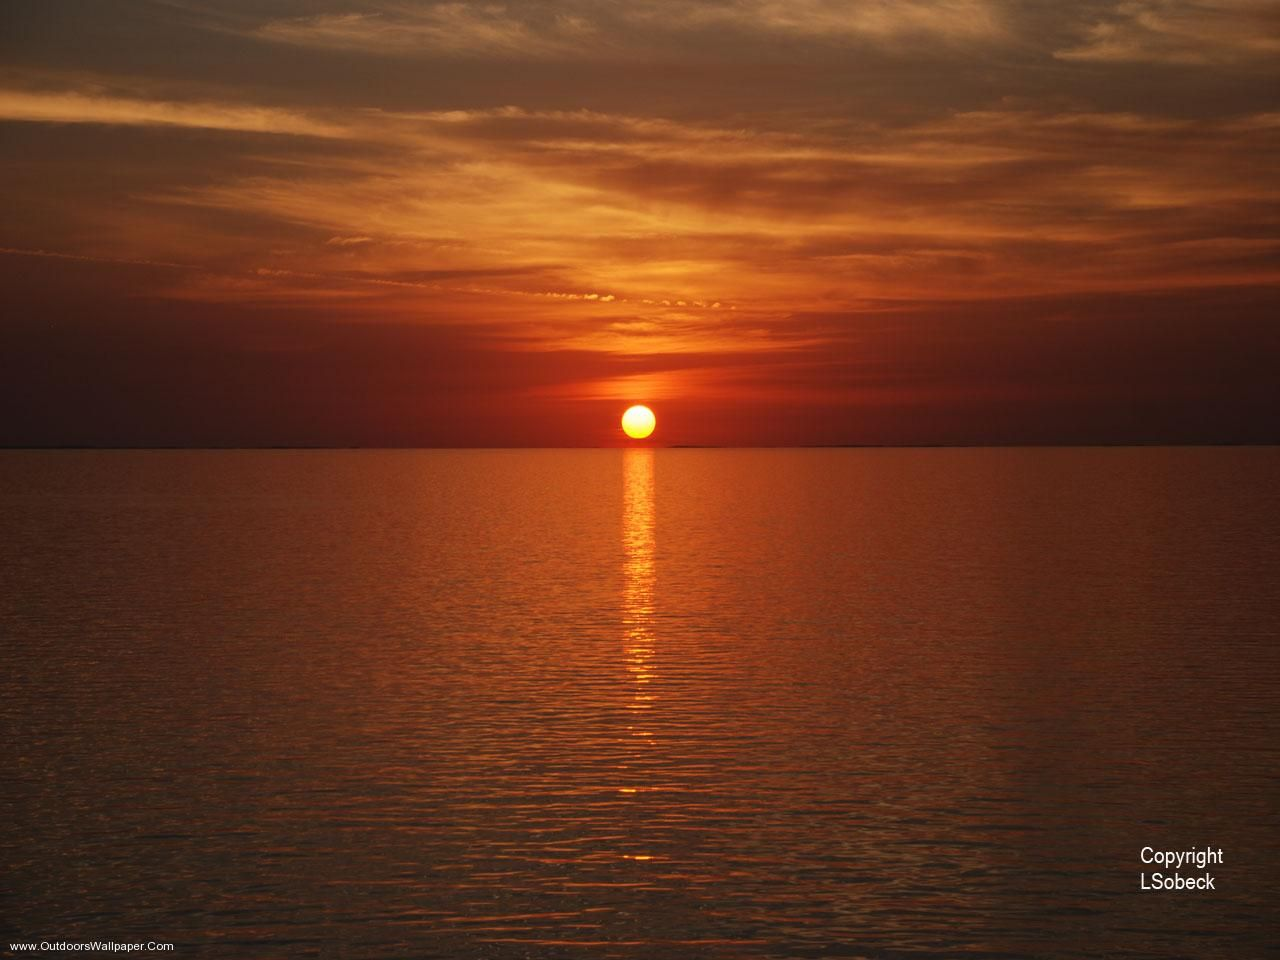 Caribbean Sunrise Wallpapers Desktop Free Download